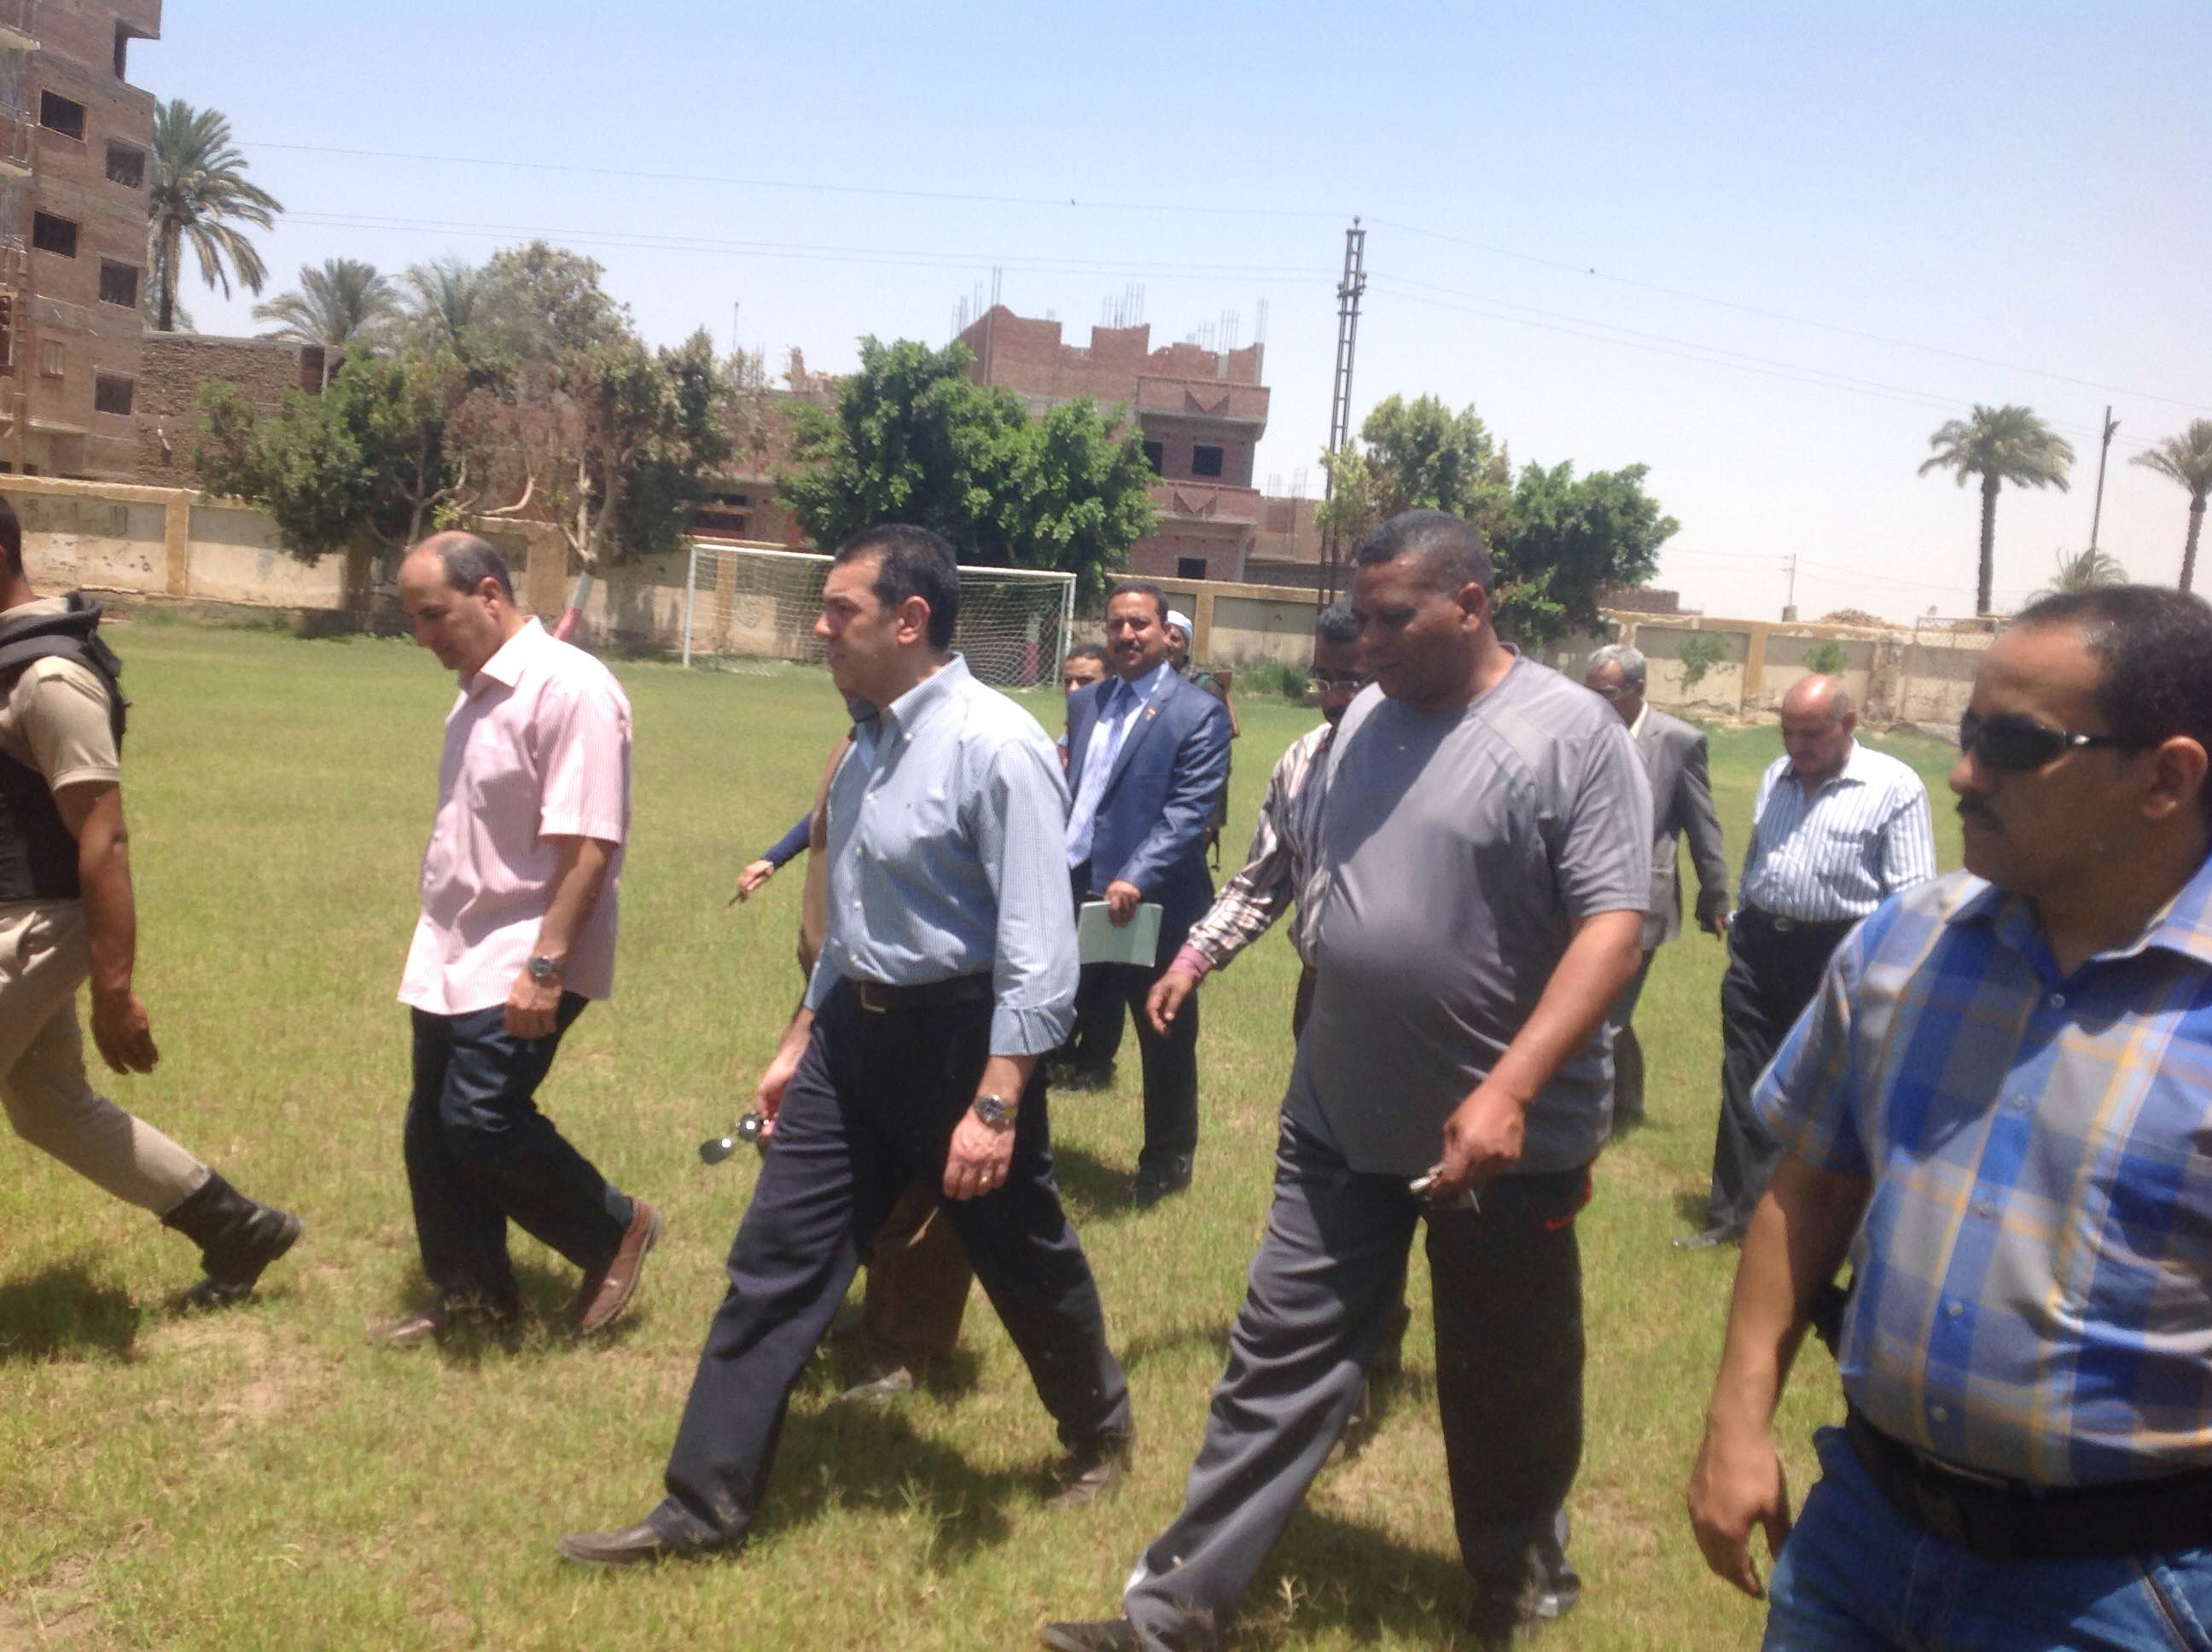 محافظ أسيوط يستمع لشكاوى المواطنين فى عرب العطيات -اليوم السابع -5 -2015